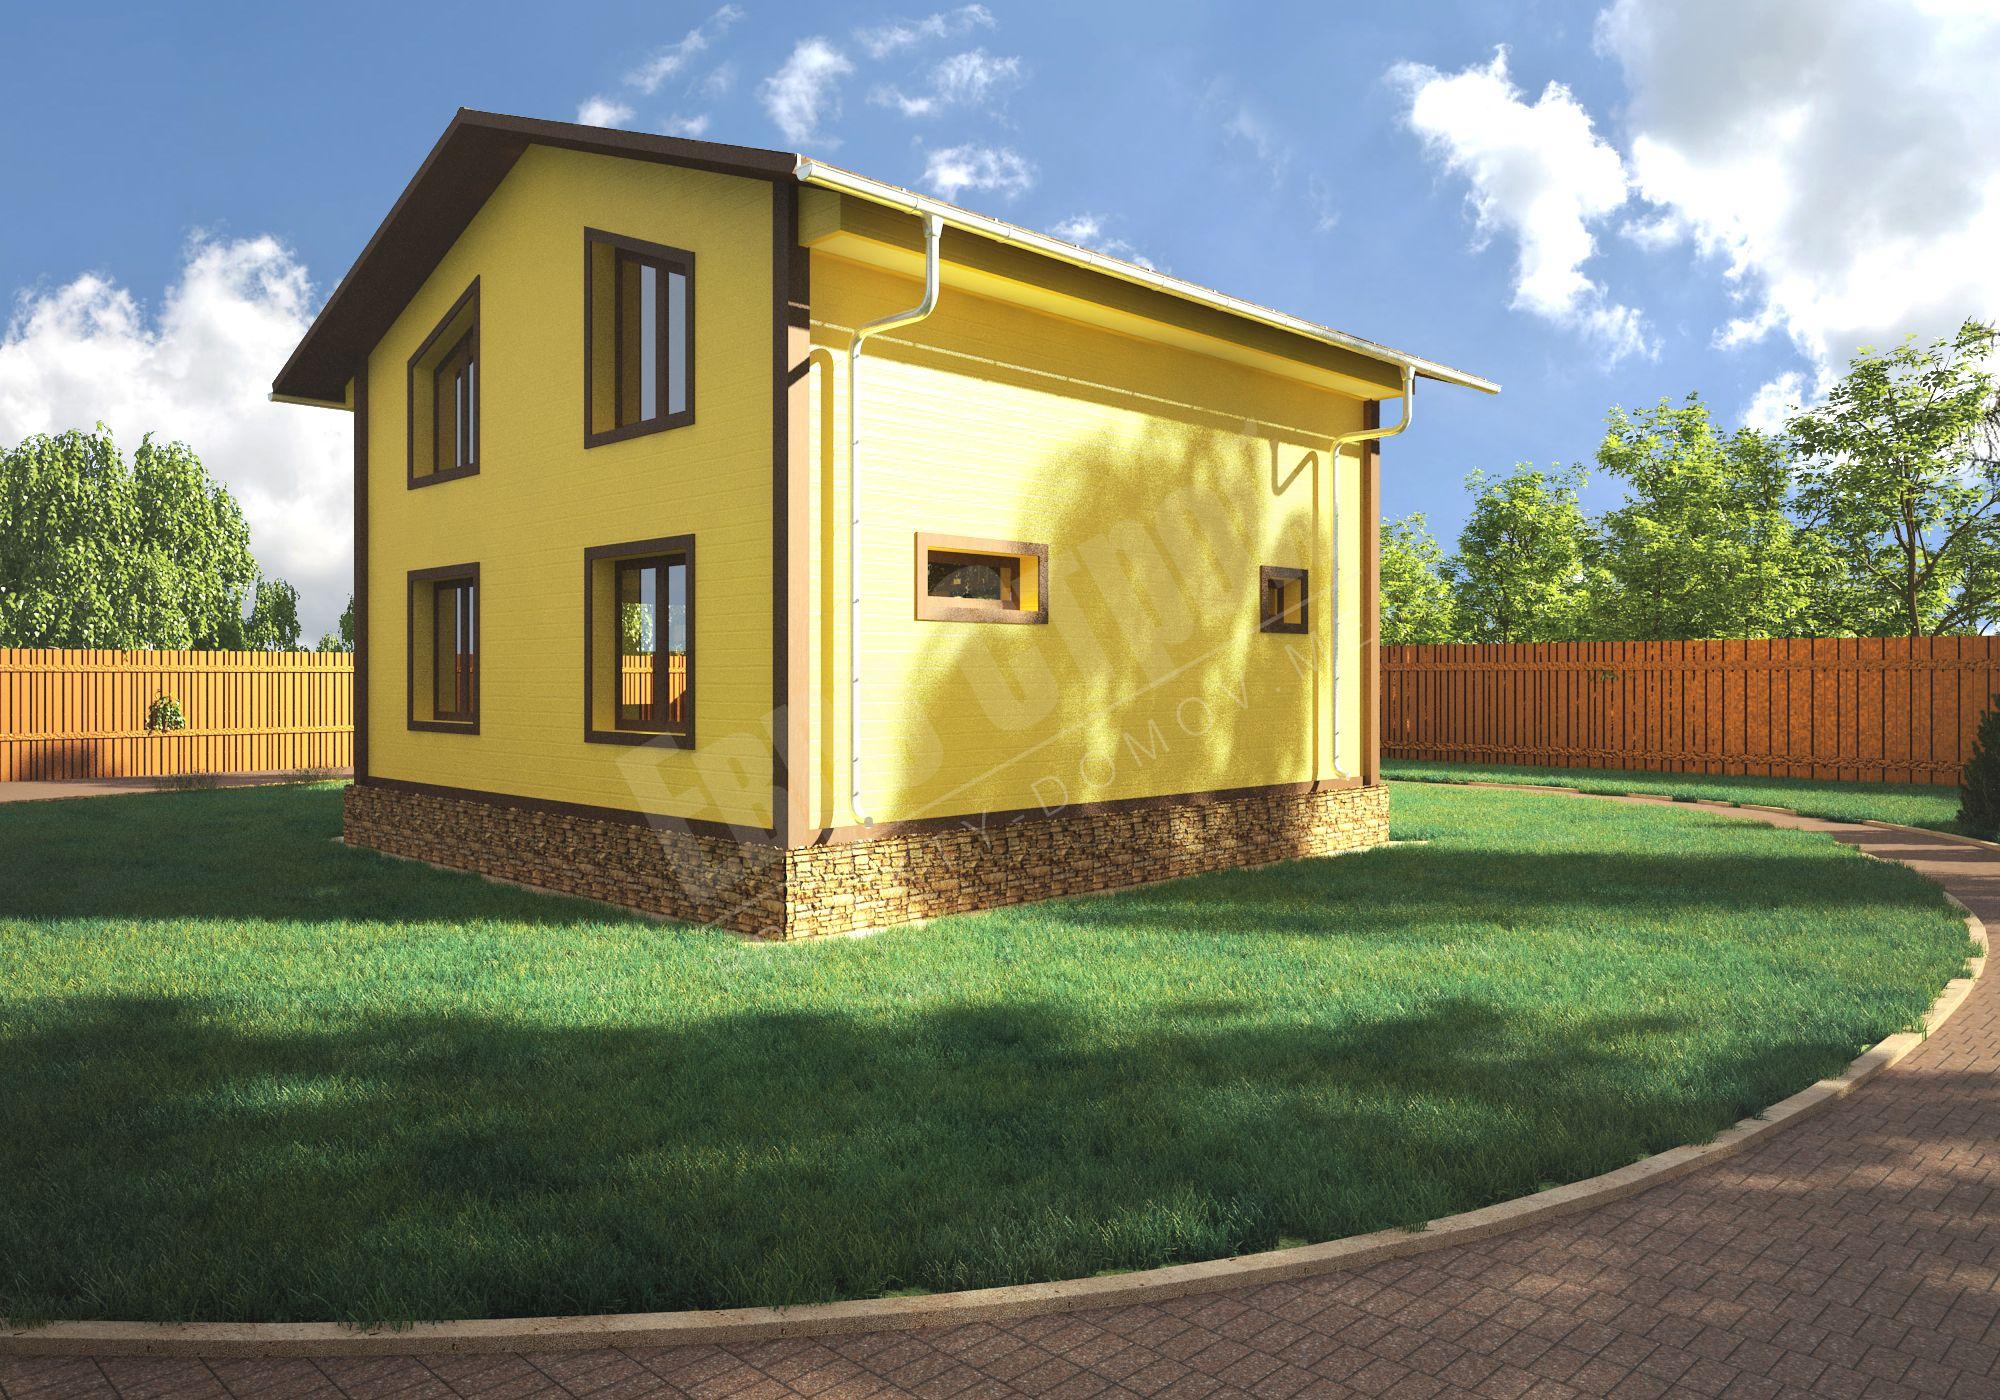 Пример как дешево построить дом своими руками (61 фото) 63